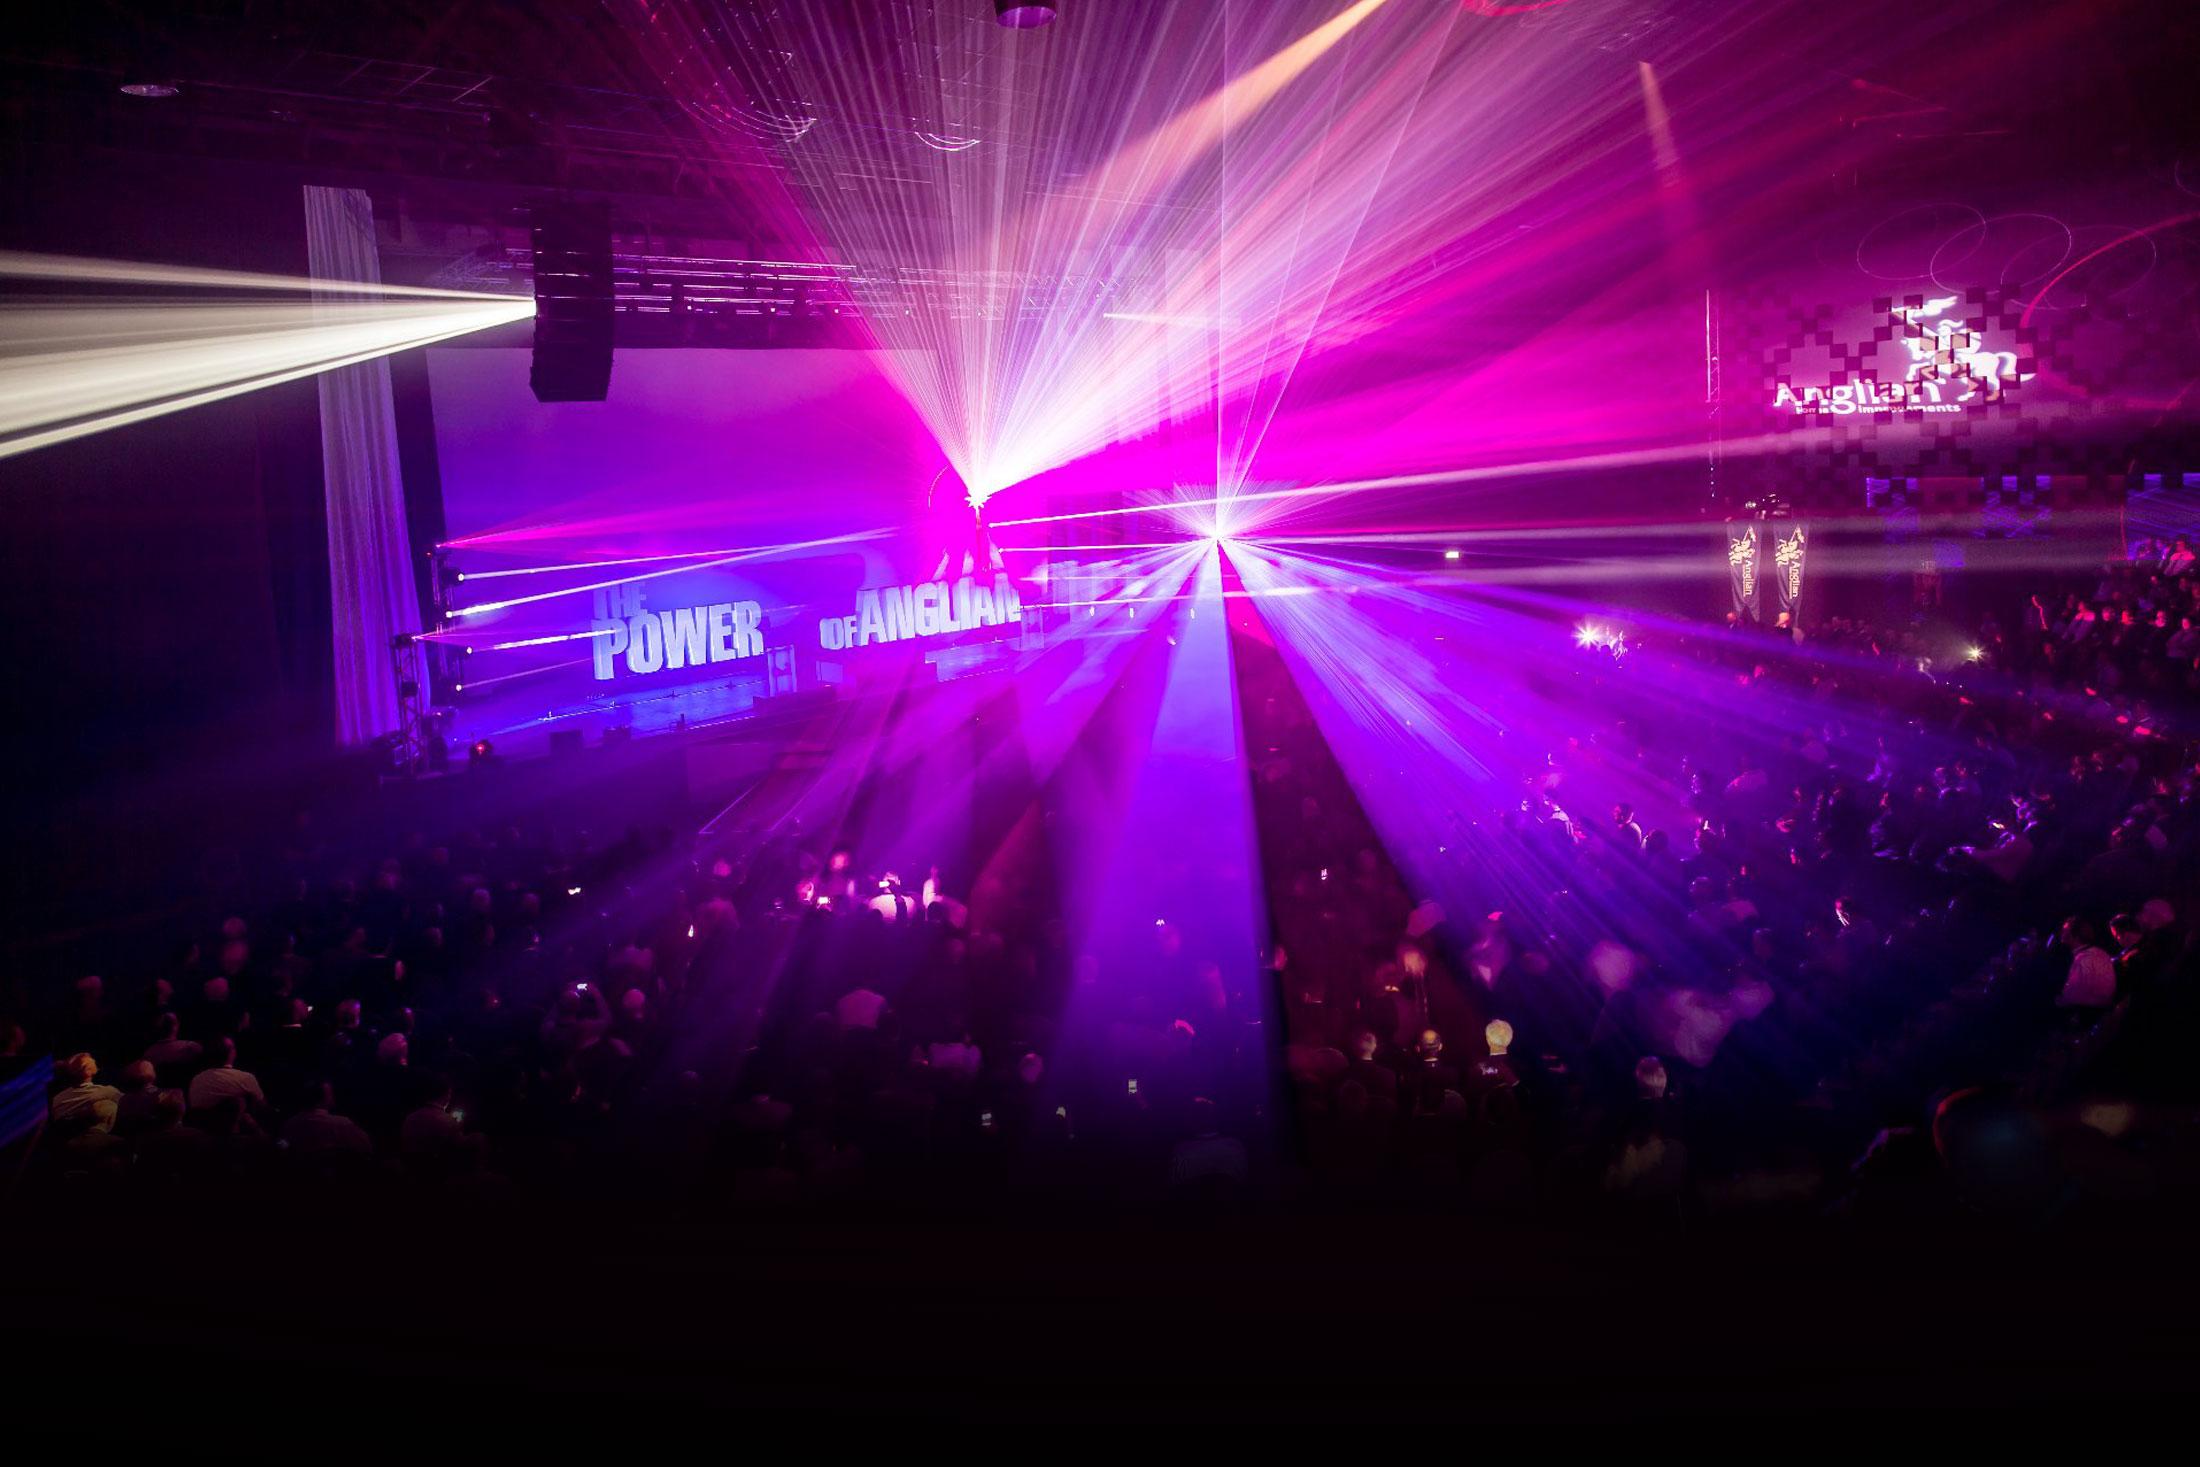 Kingsgate Auditorium light show